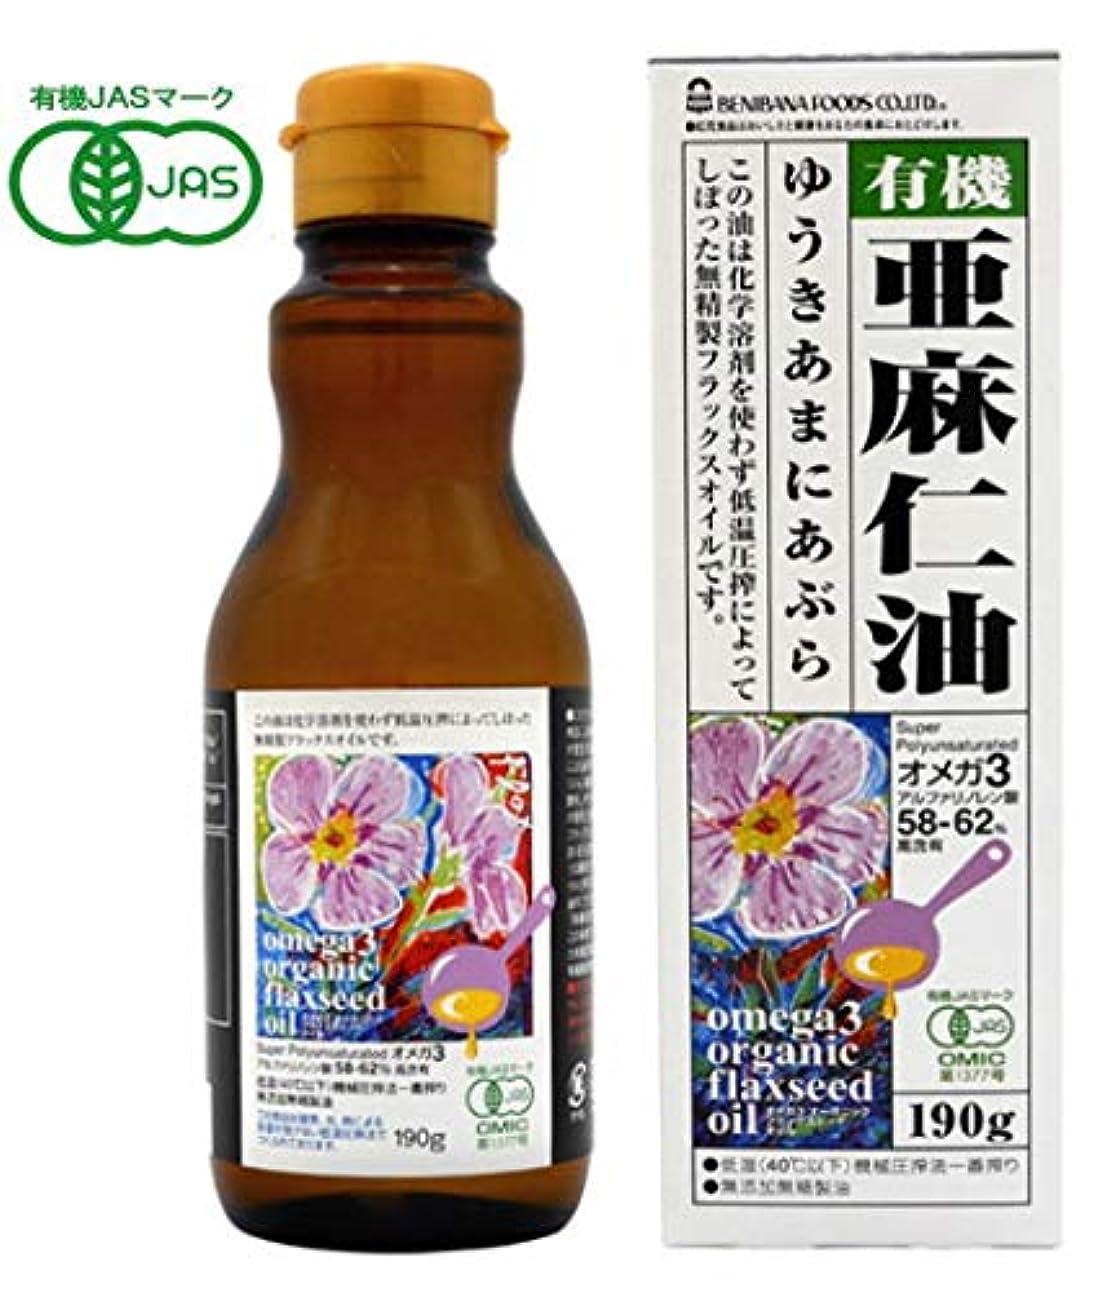 驚いたことに腐敗した産地紅花食品 オーガニックフラックスシードオイル(有機亜麻仁油) 190g×8本セット